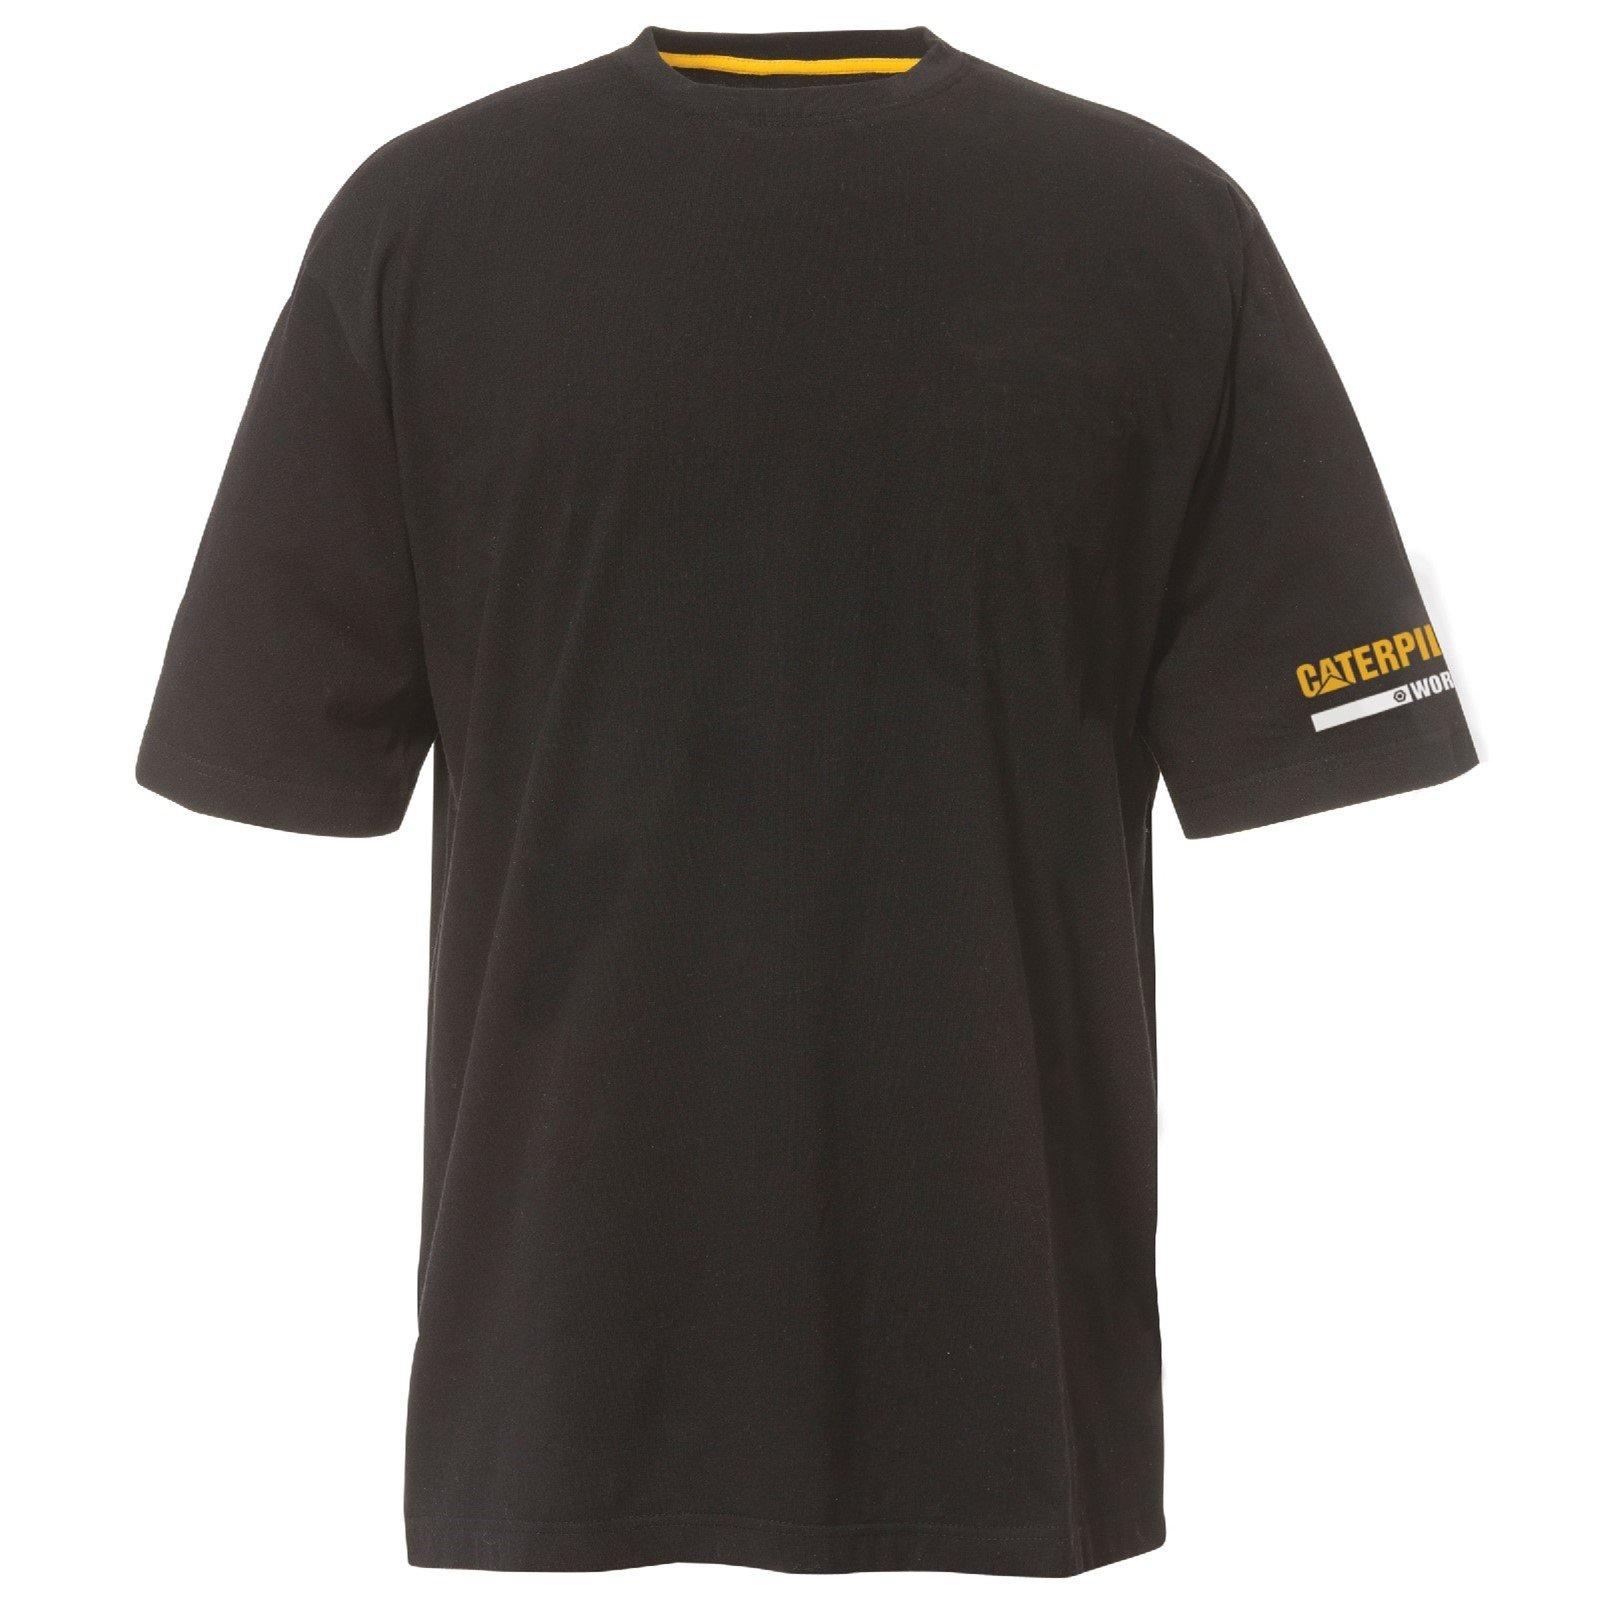 Caterpillar Men's Essentials SS T-Shirt Various Colours 28885-48760 - Black XX